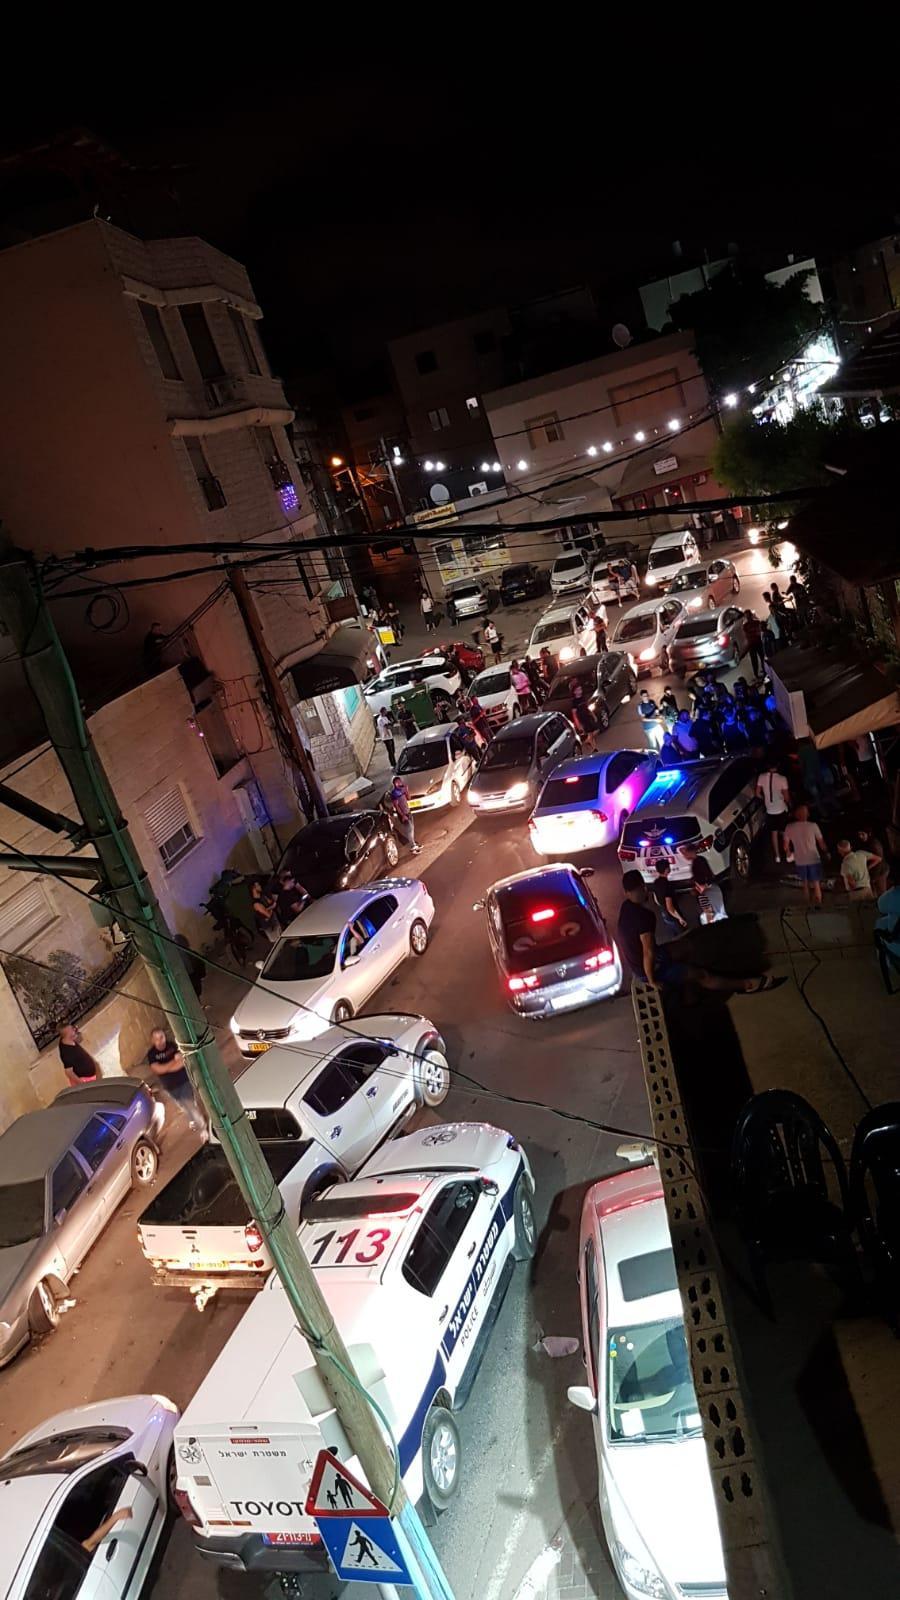 ليلة ساخنة في بلدات عربية